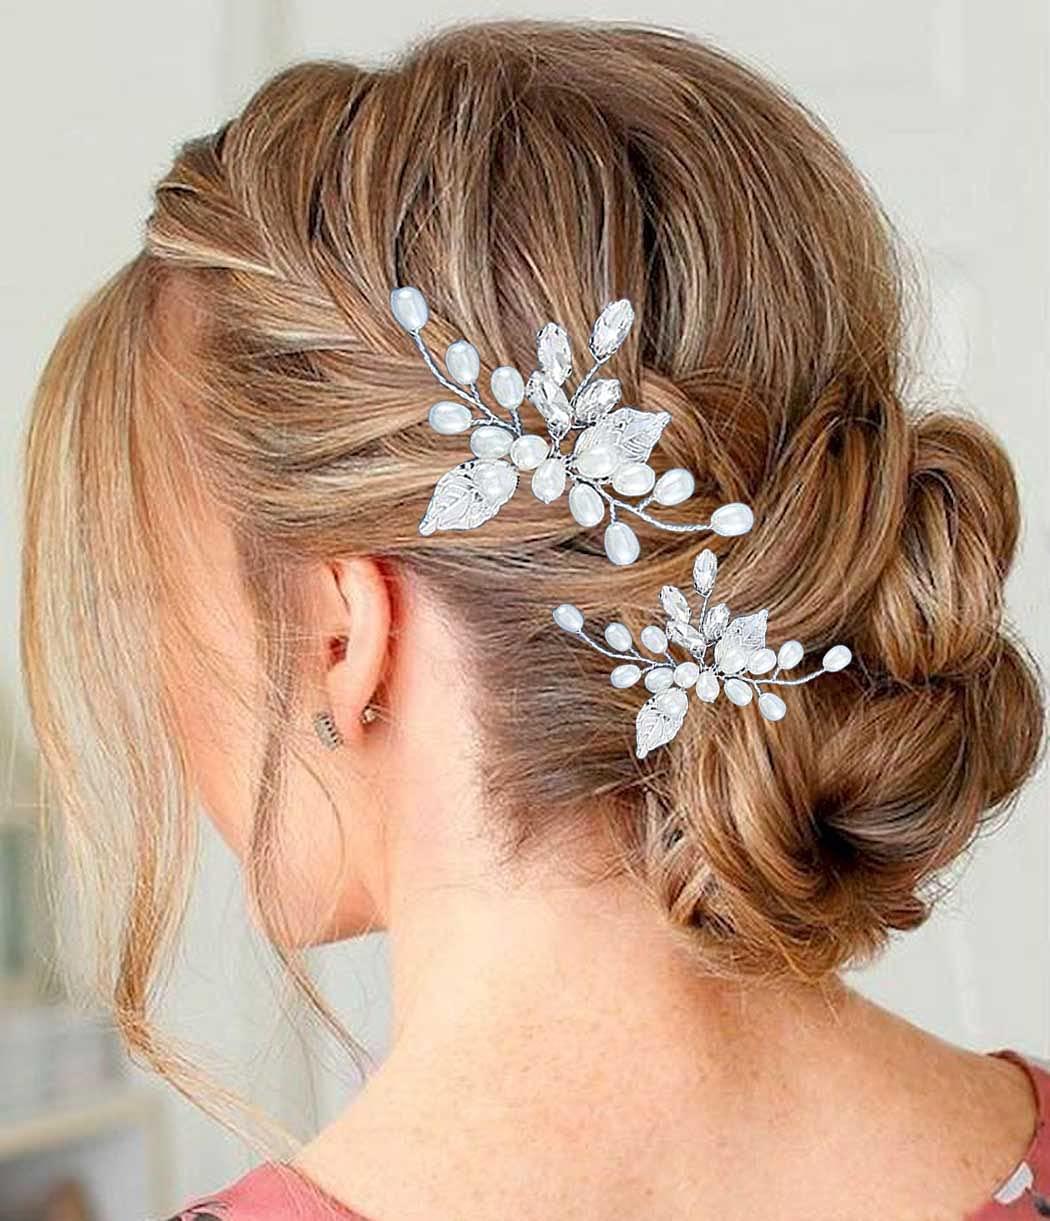 YBSHIN Genuine New item Bride Wedding Silver Hair Pins Rhinest Crystal Clips